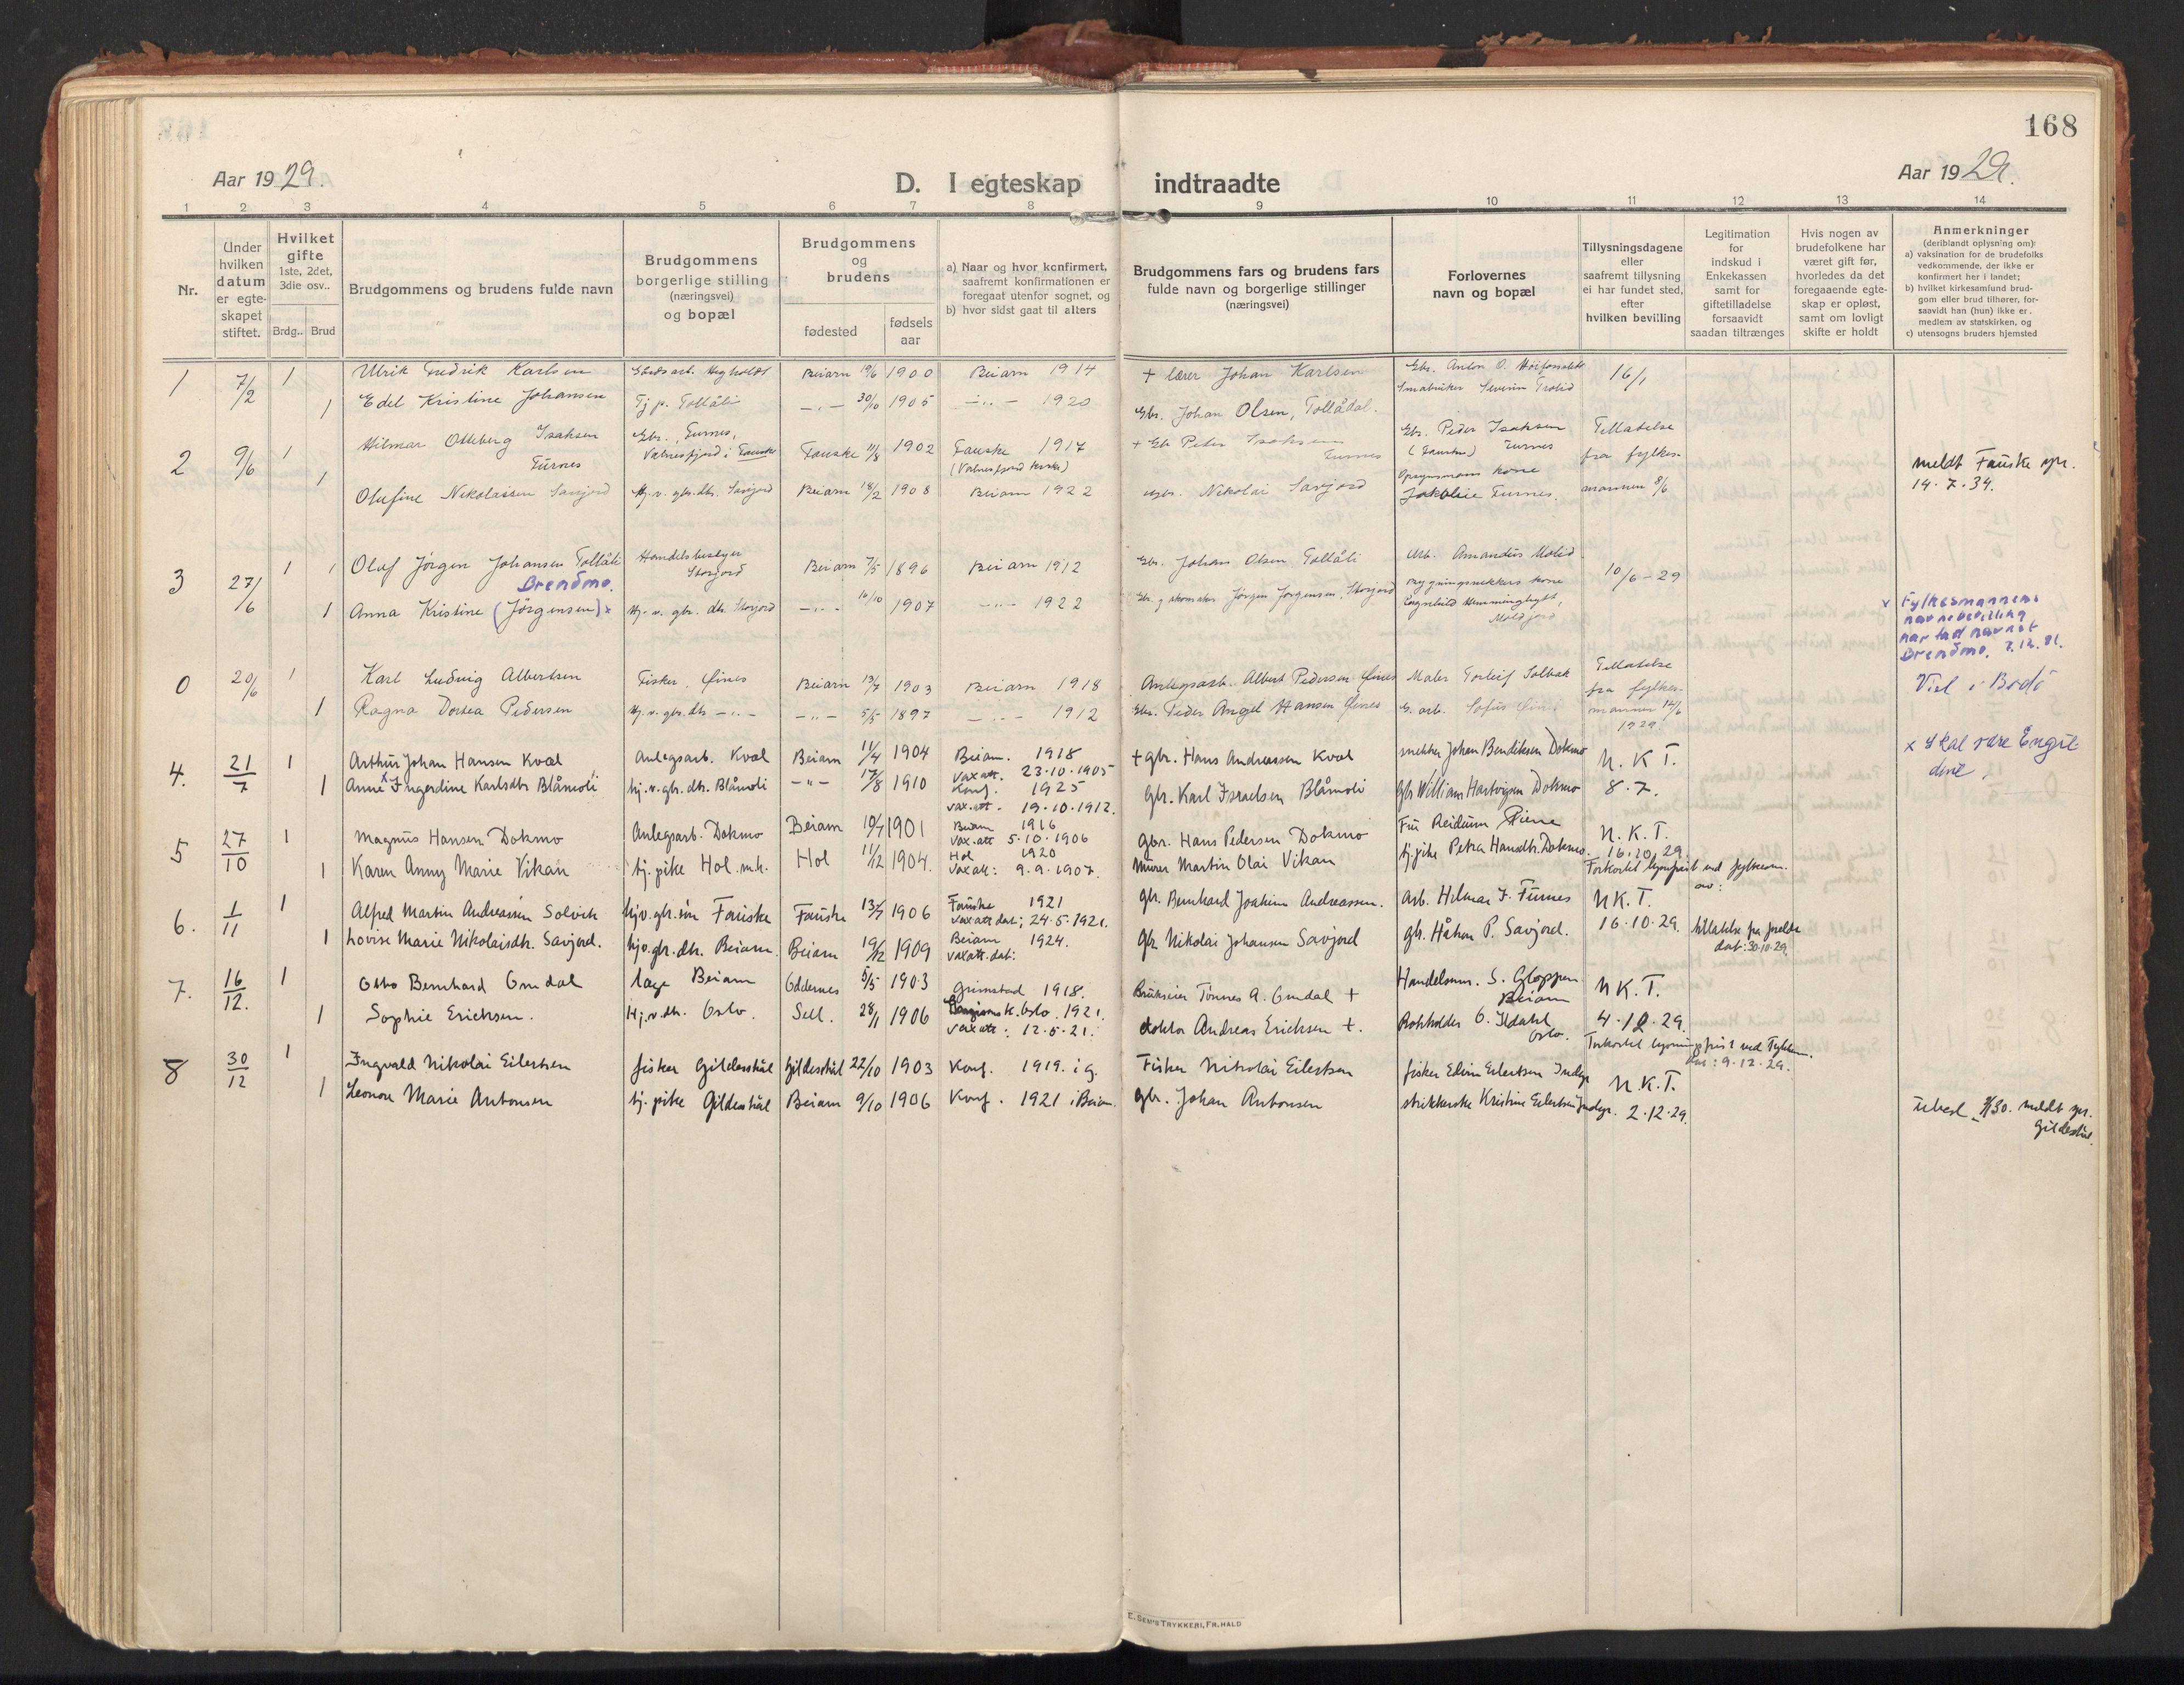 SAT, Ministerialprotokoller, klokkerbøker og fødselsregistre - Nordland, 846/L0650: Parish register (official) no. 846A08, 1916-1935, p. 168